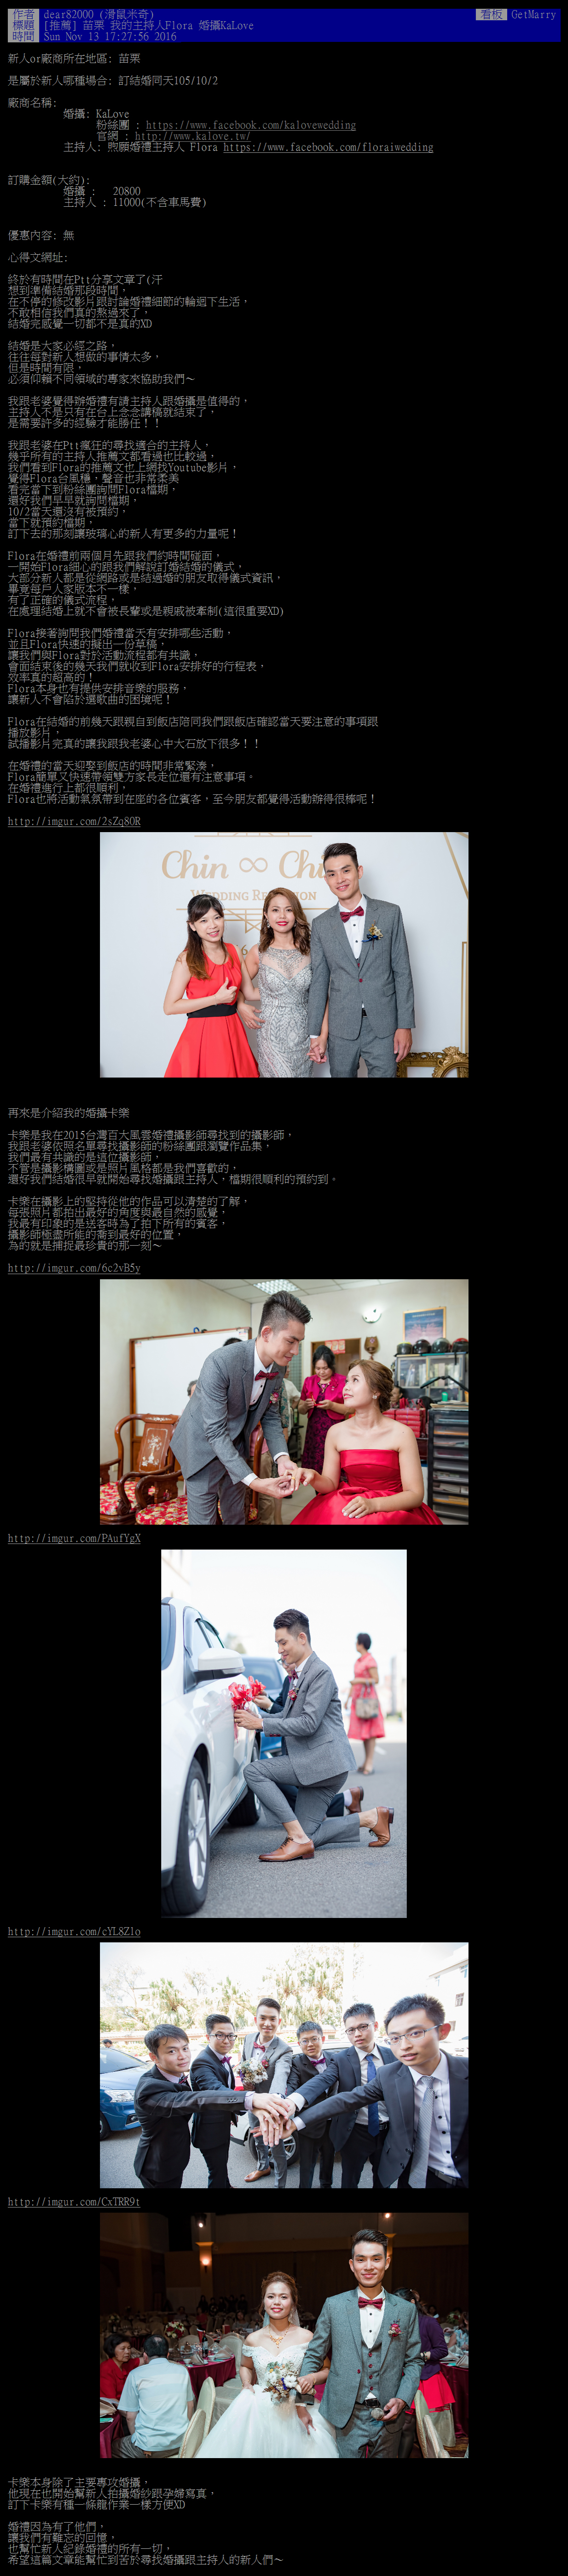 婚攝推薦,婚攝卡樂推薦,推薦婚攝,婚禮攝影師推薦,ptt推薦婚攝,婚攝卡樂,161002PTT